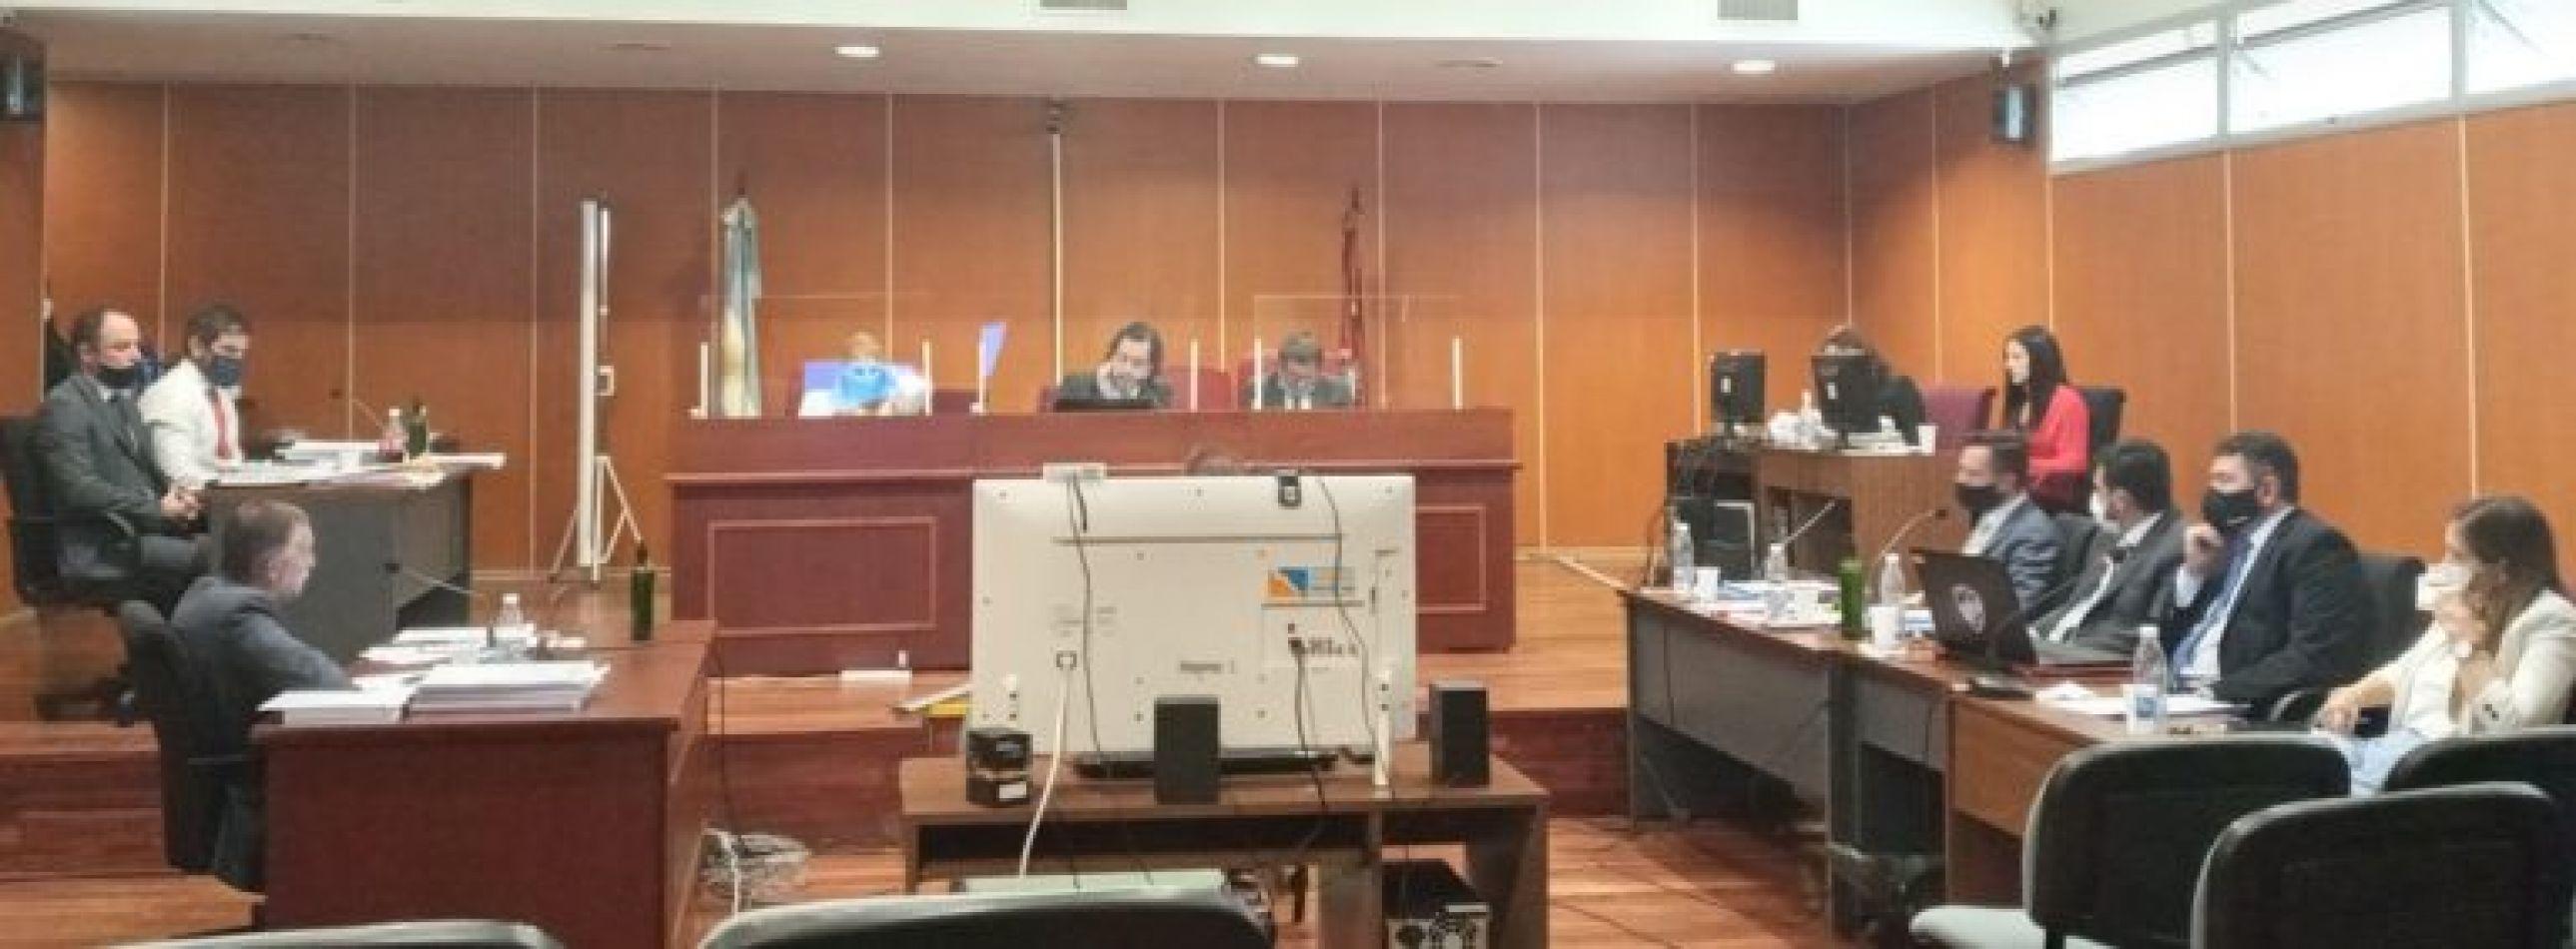 Continúa el juicio contra los hermanos Cuevas